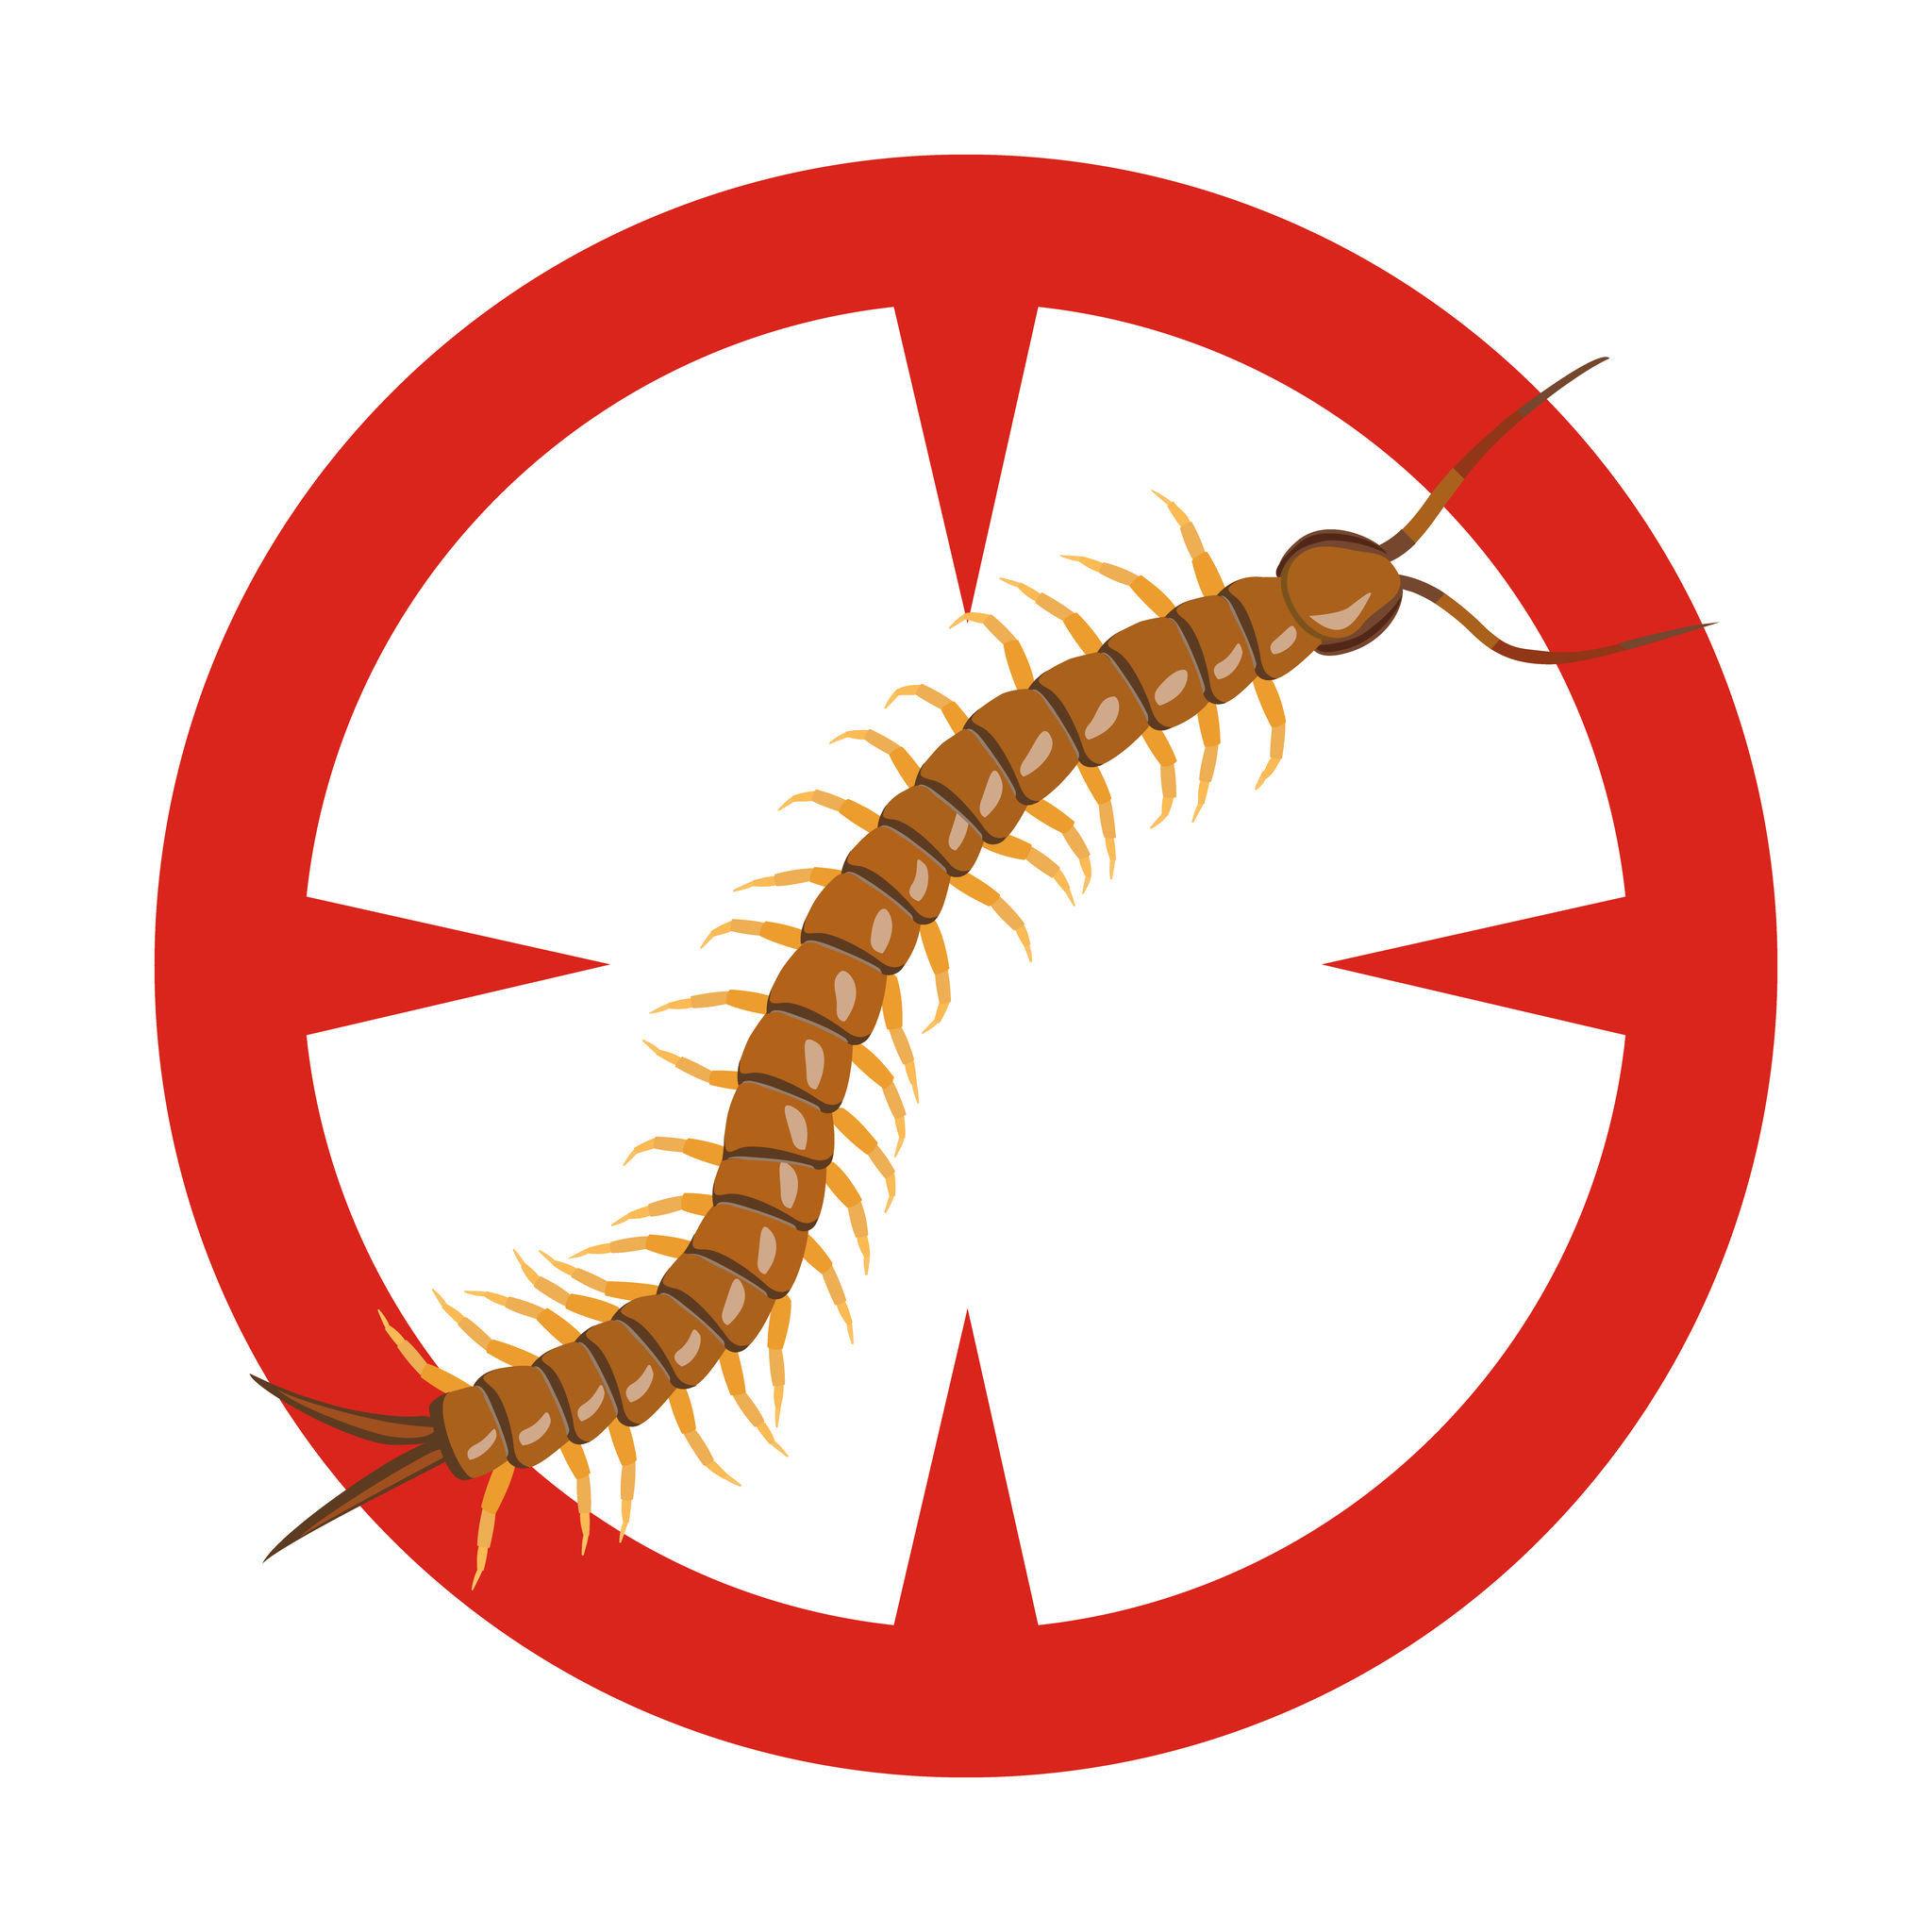 預防之道最主要是維護住家附近的清潔,以免蜈蚣藏匿。另外,針對住宅的紗網破損要即時修復。